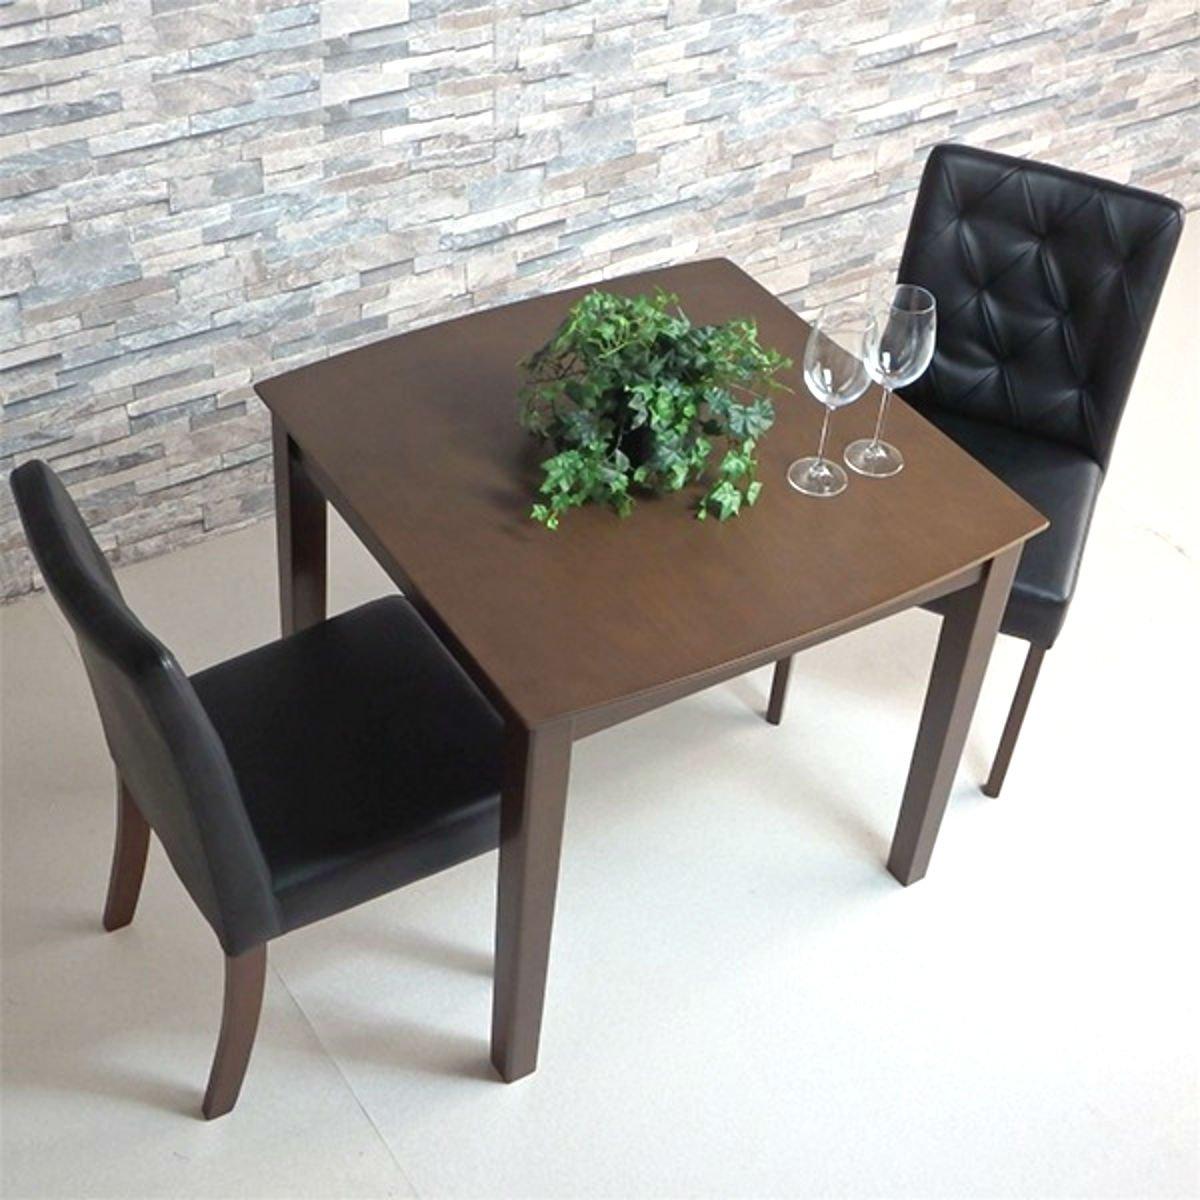 ダイニングテーブルセット 2人用 3点セット 75cm幅 アポロン ブラック ホワイト ((黒)3点セット) B07CSQC9VY (黒)3点セット (黒)3点セット